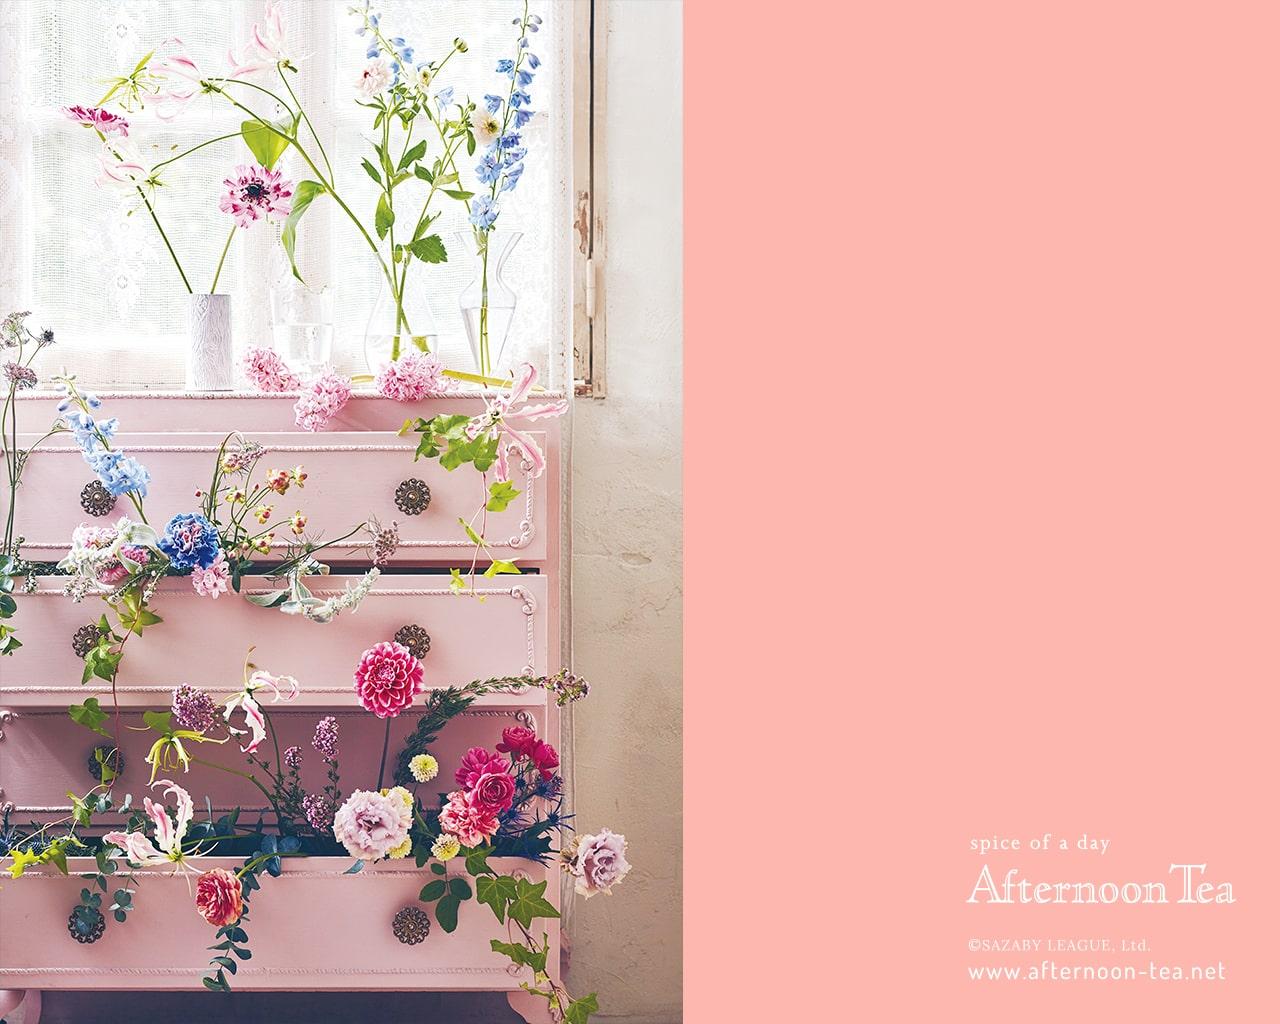 すべての花の画像 ぜいたくスマホ Afternoon Tea 壁紙